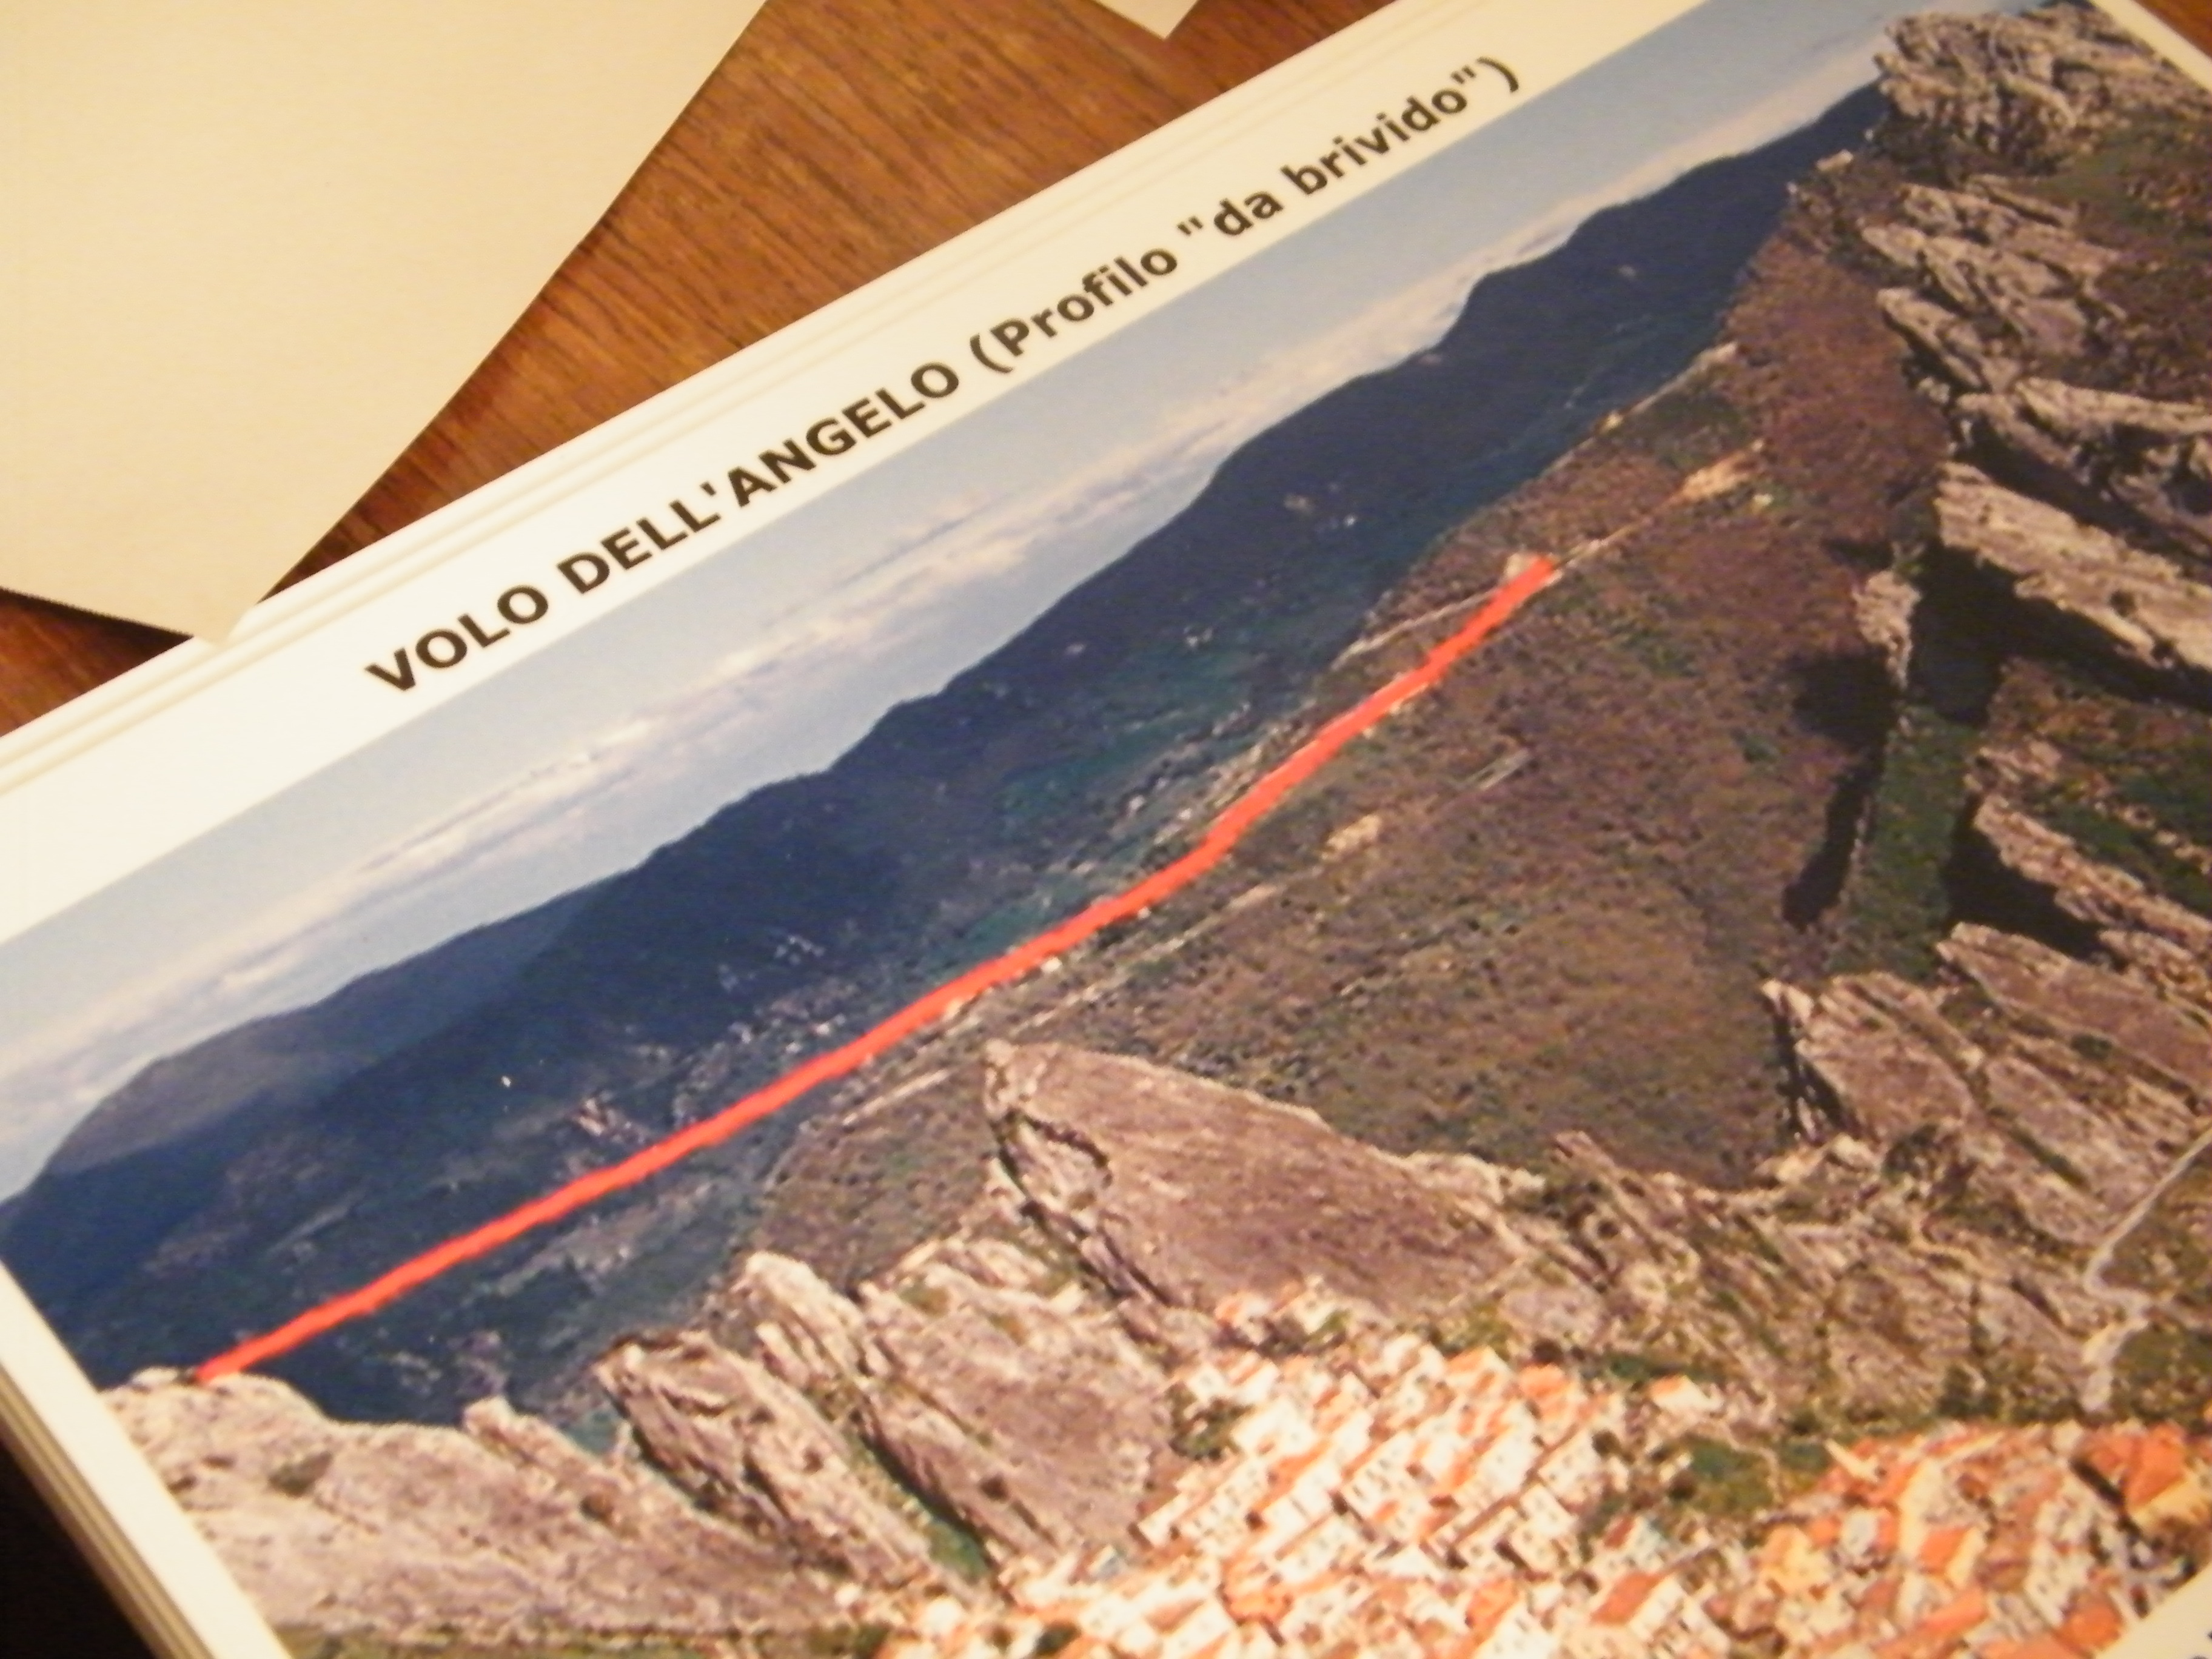 Volo dell'Angelo, pannello in forex con Braille, Progetto Welcome